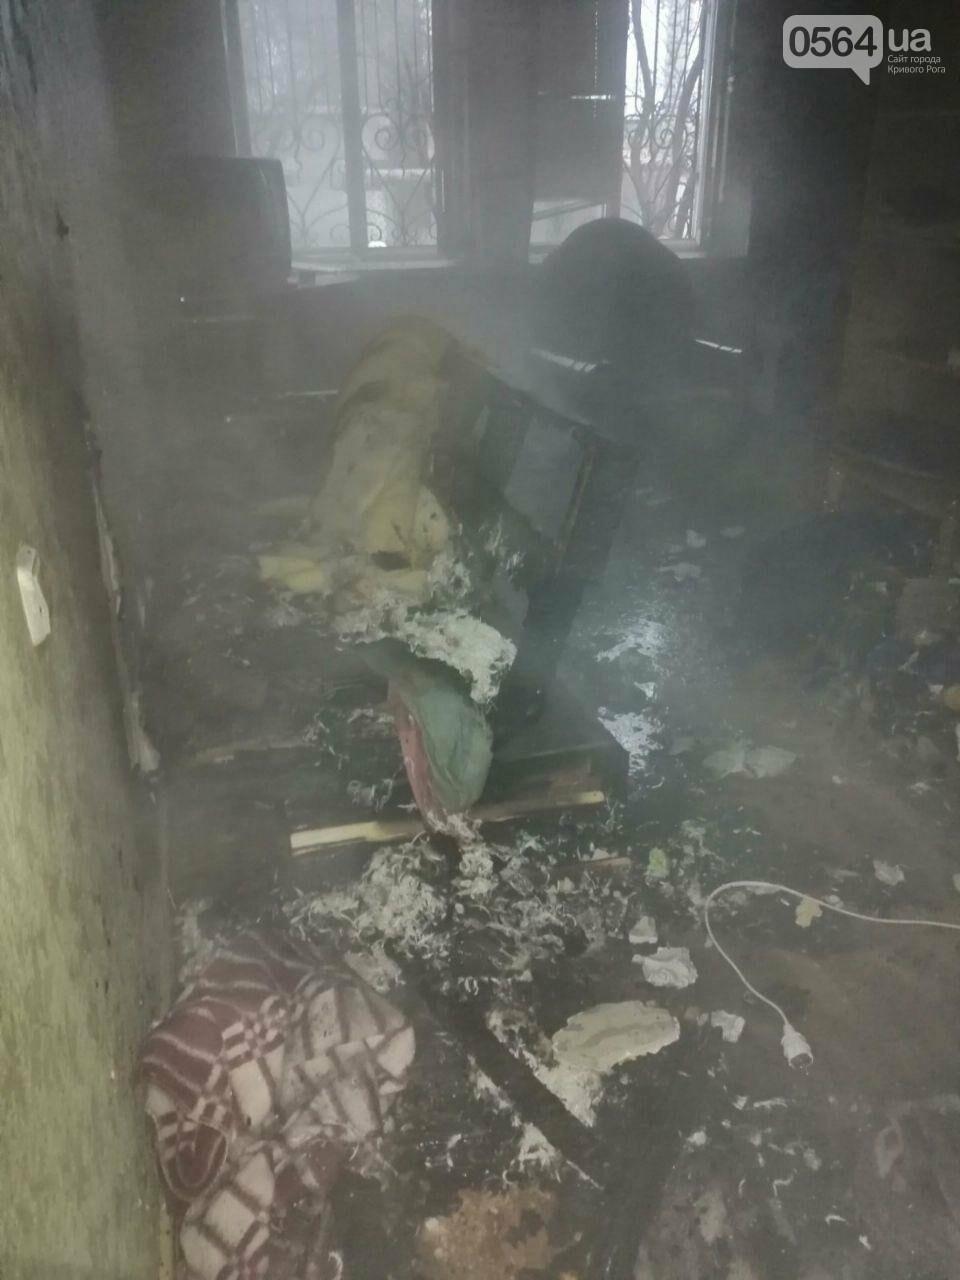 """Пострадавшего на пожаре криворожанина госпитализировали в """"тысячку"""", - ФОТО, ВИДЕО, фото-2"""